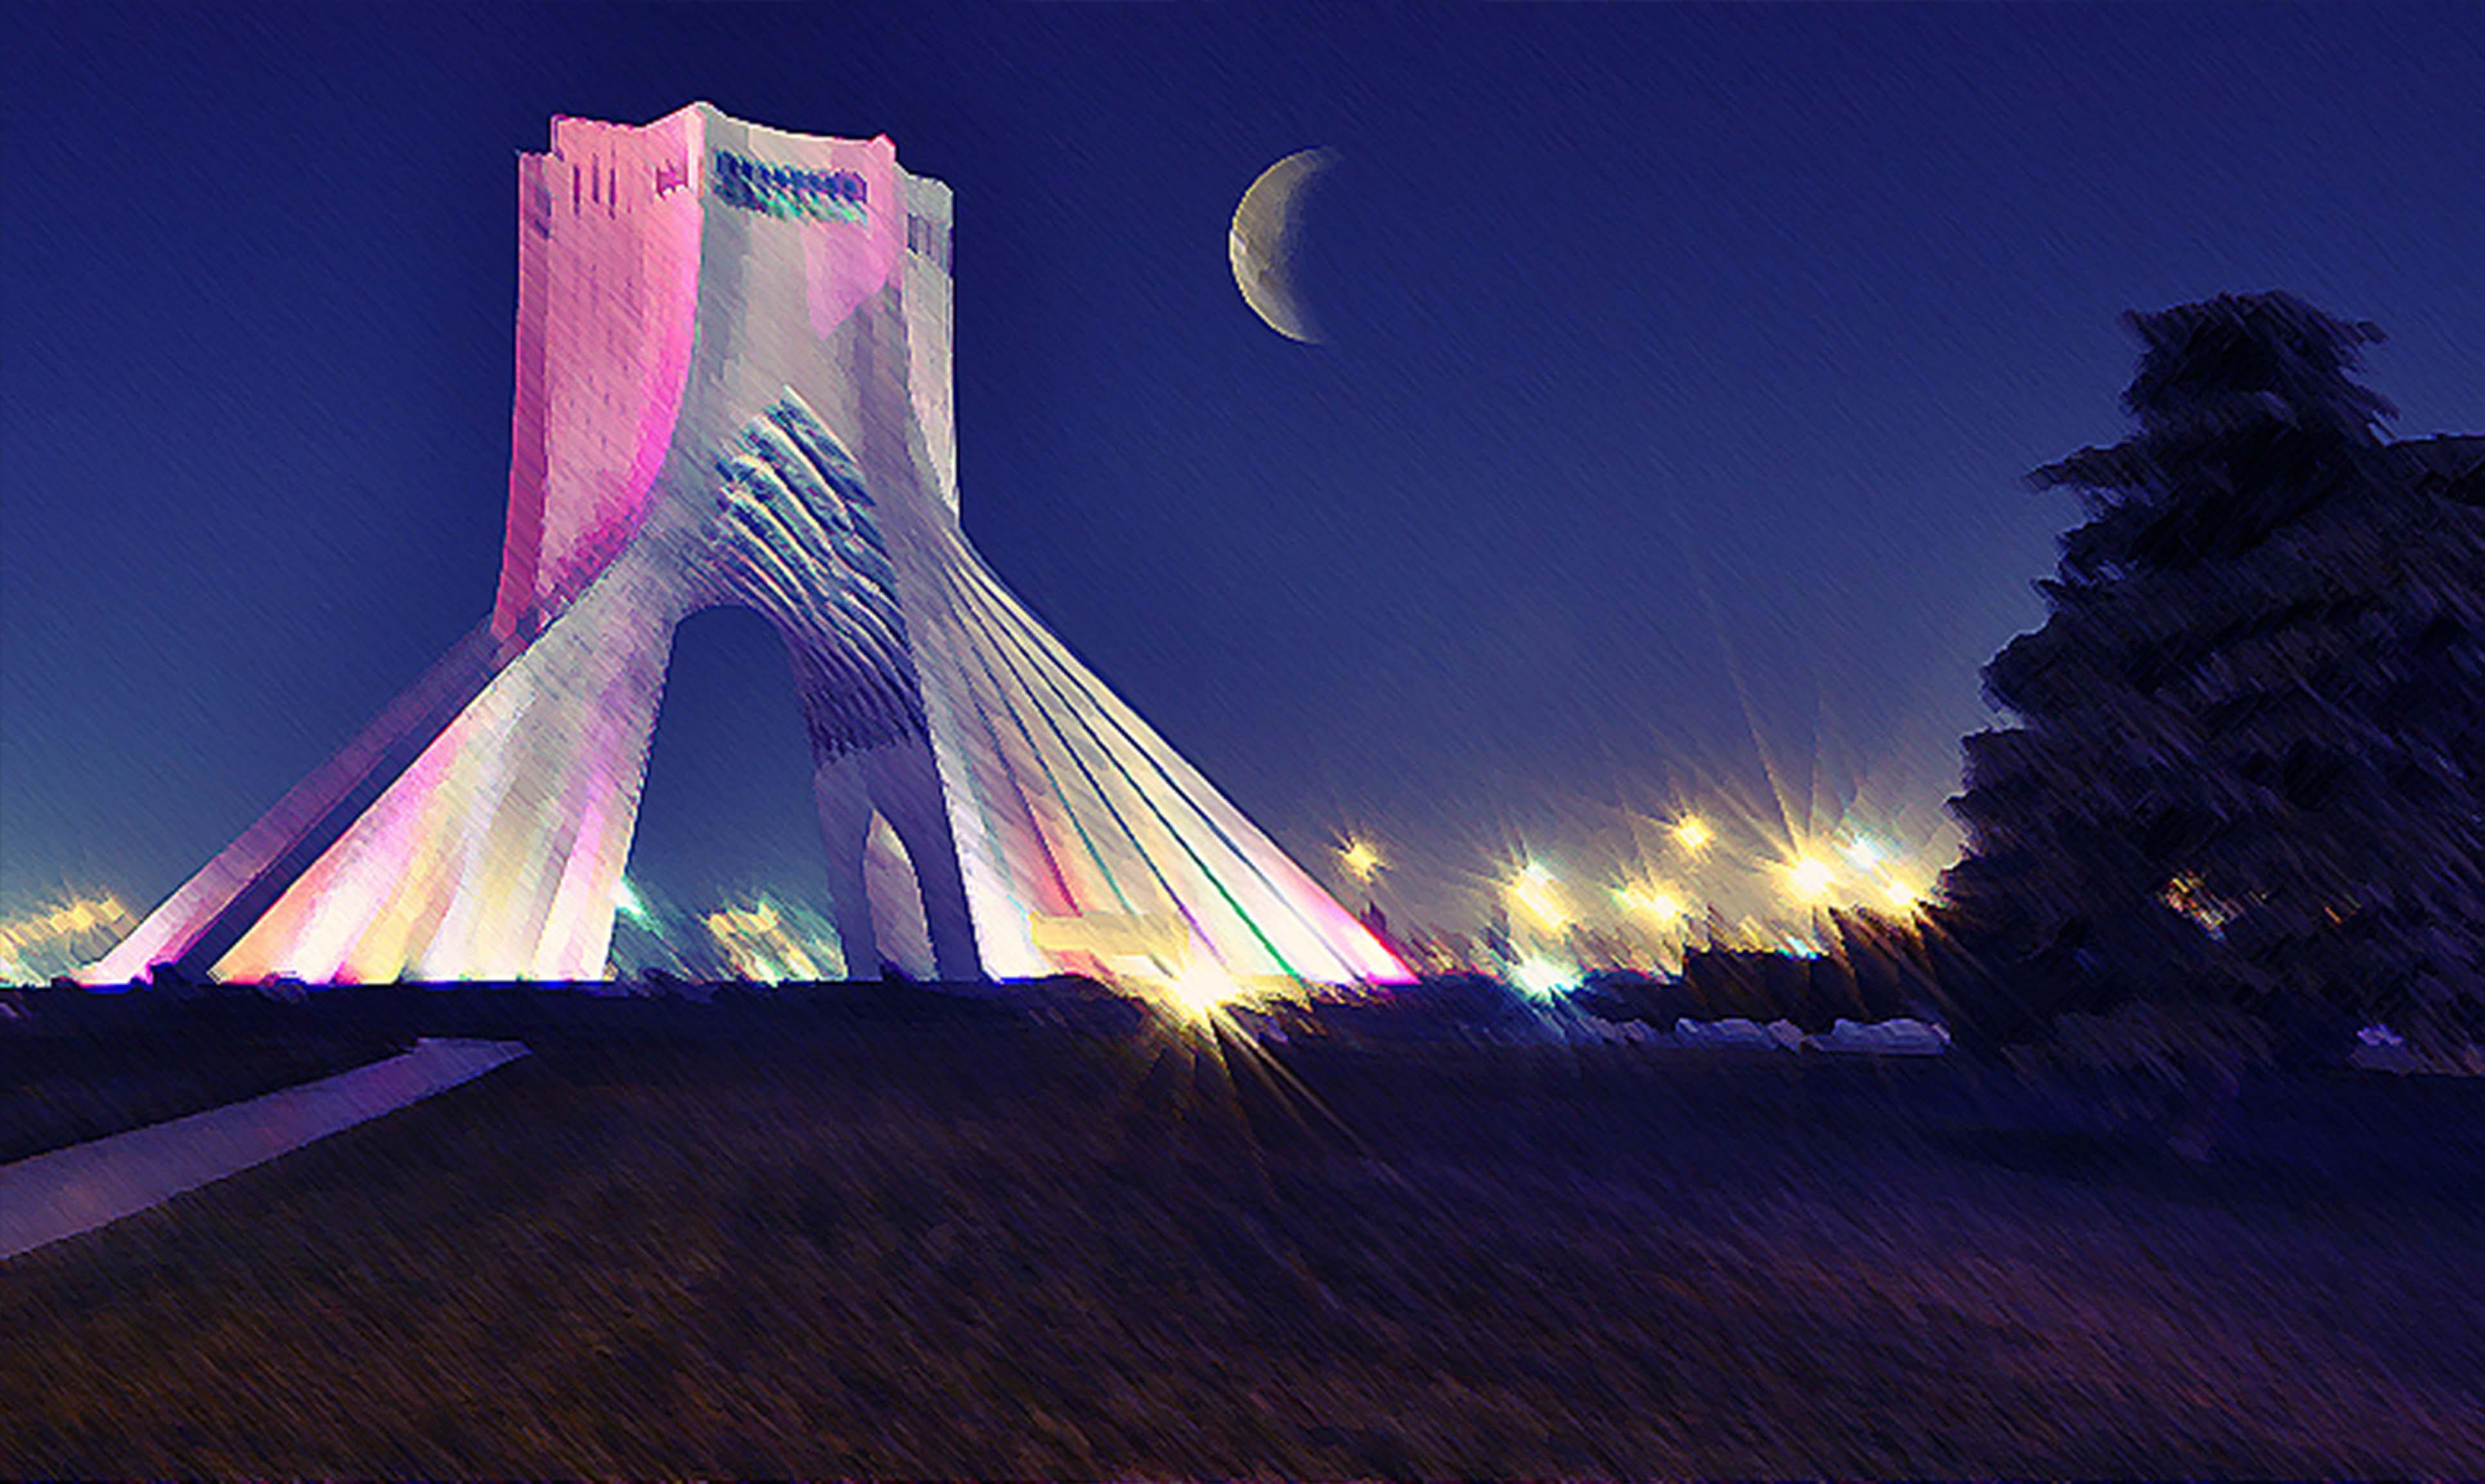 پایتخت! (داستان روز اول از یک سفر کاری به تهران)